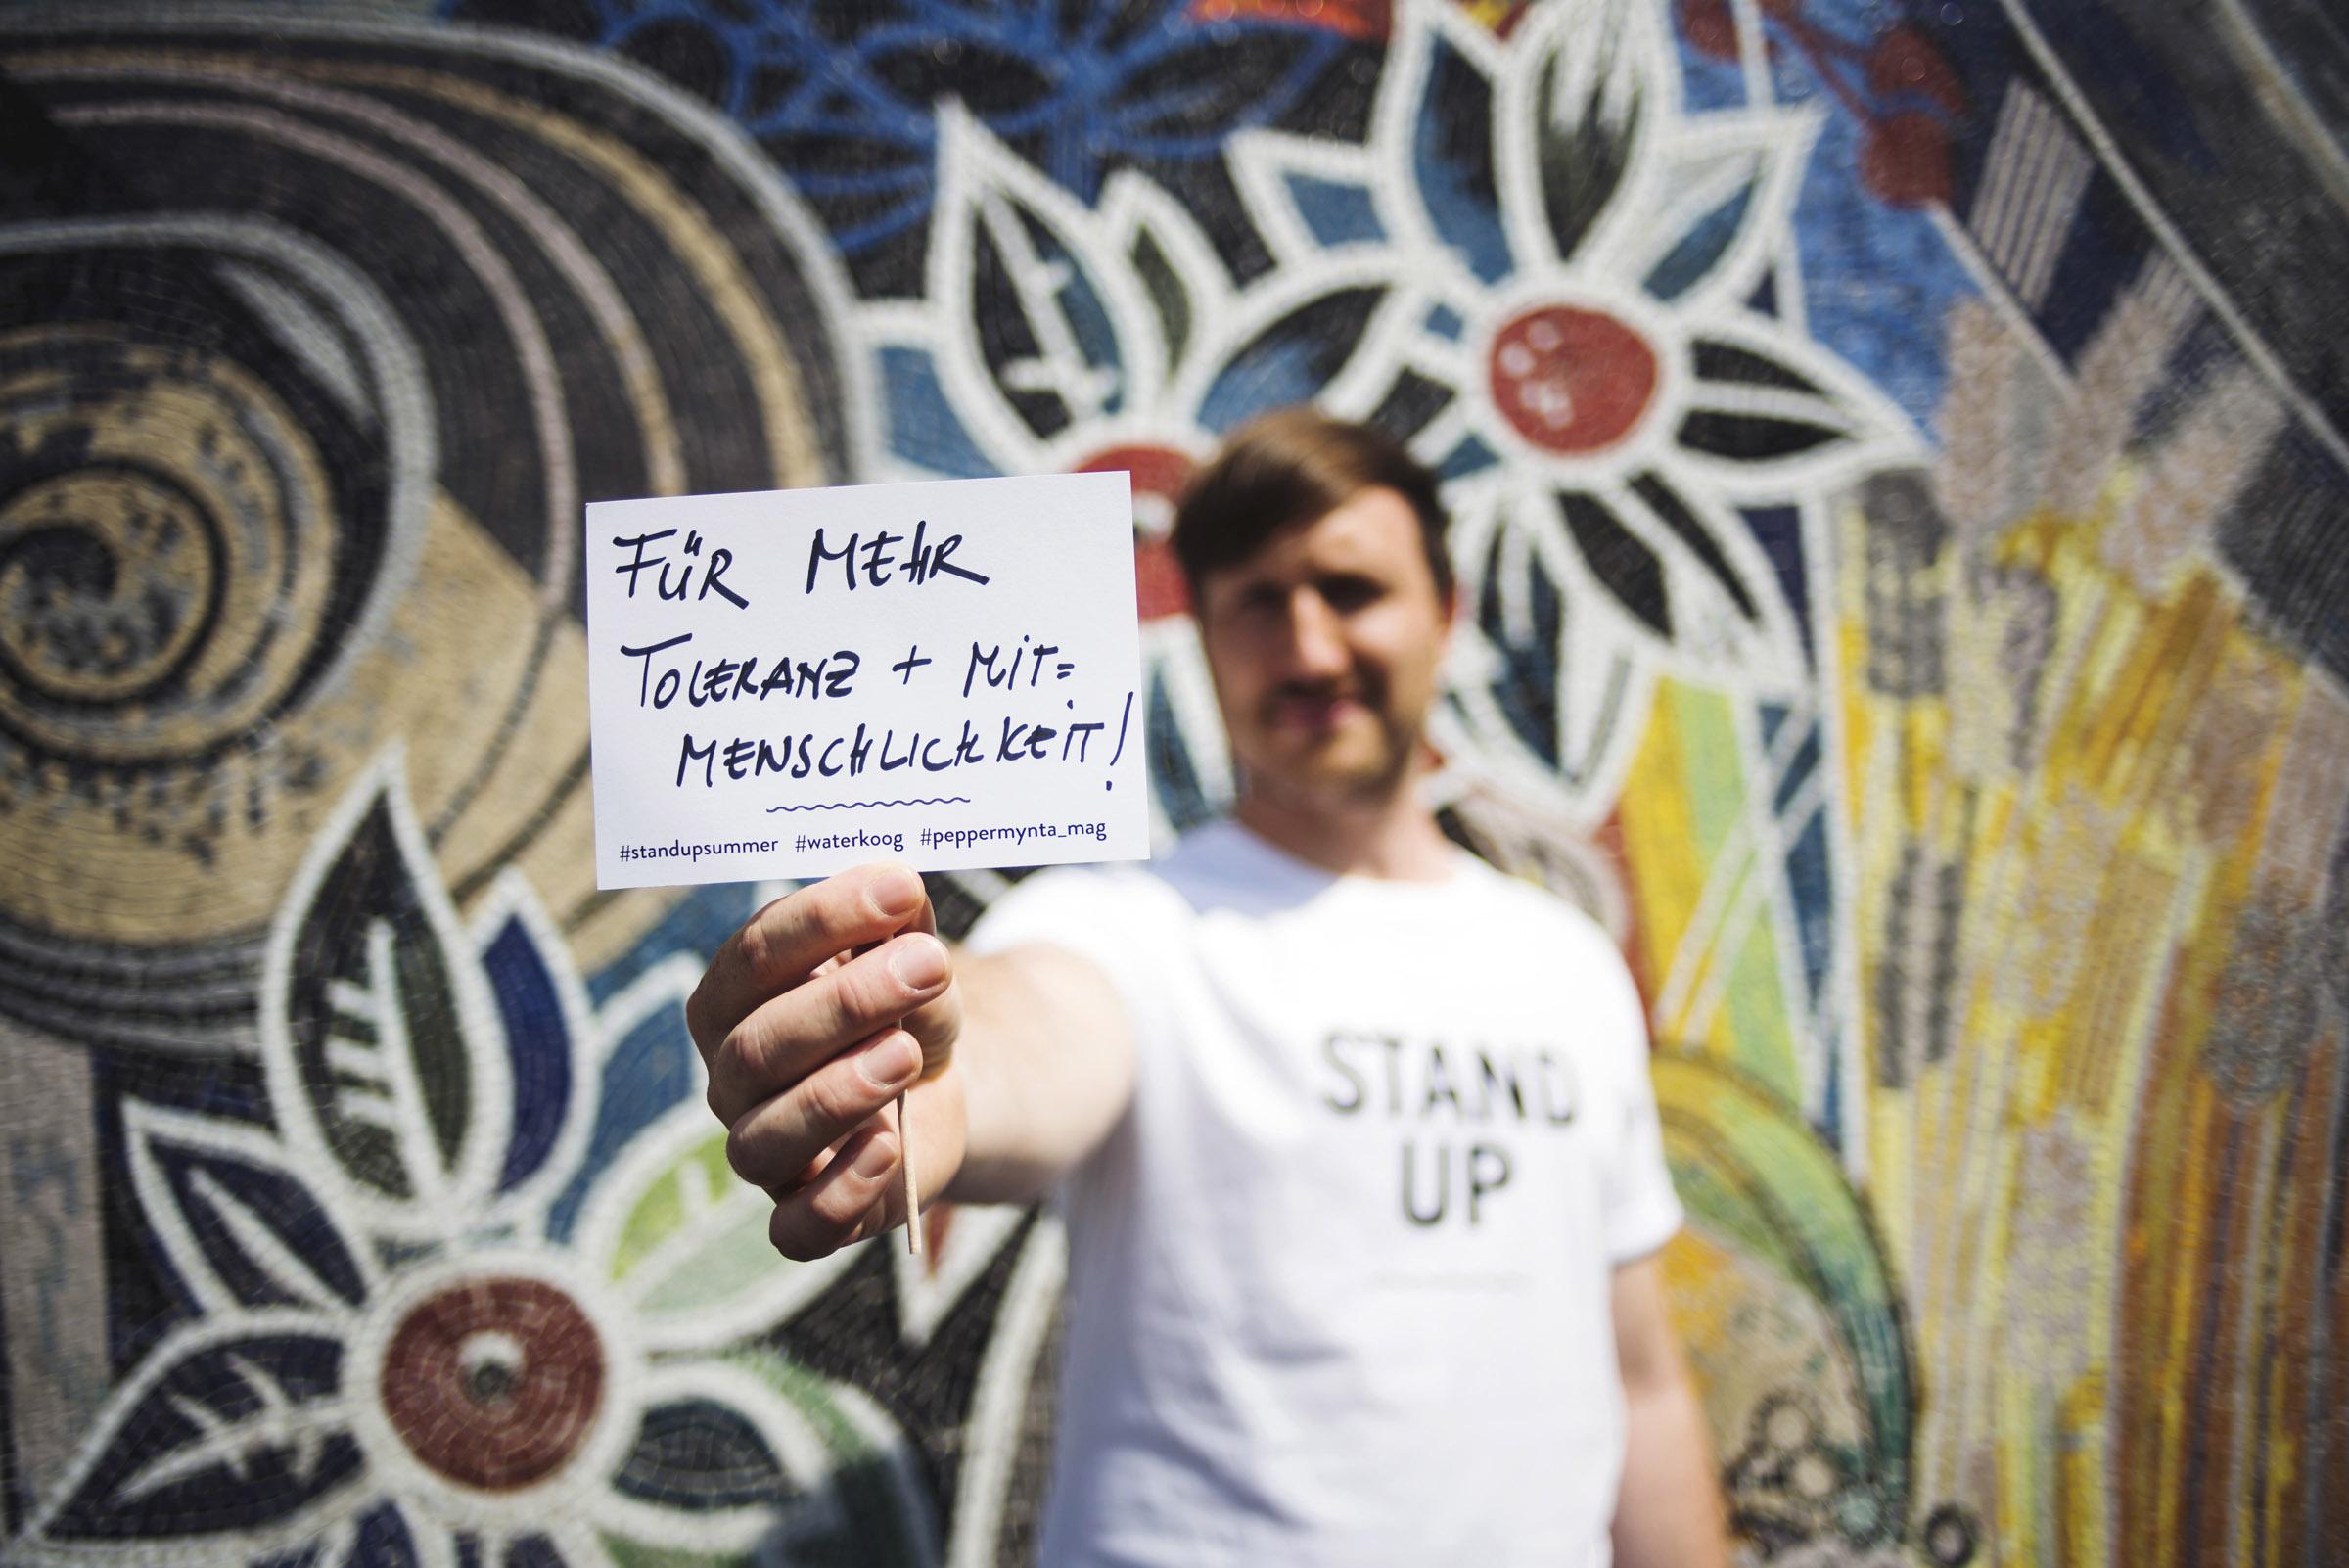 Zahn und Zieger unterwegs / ZQUADRAT / in Berlin Marzahn am 22.05.2017